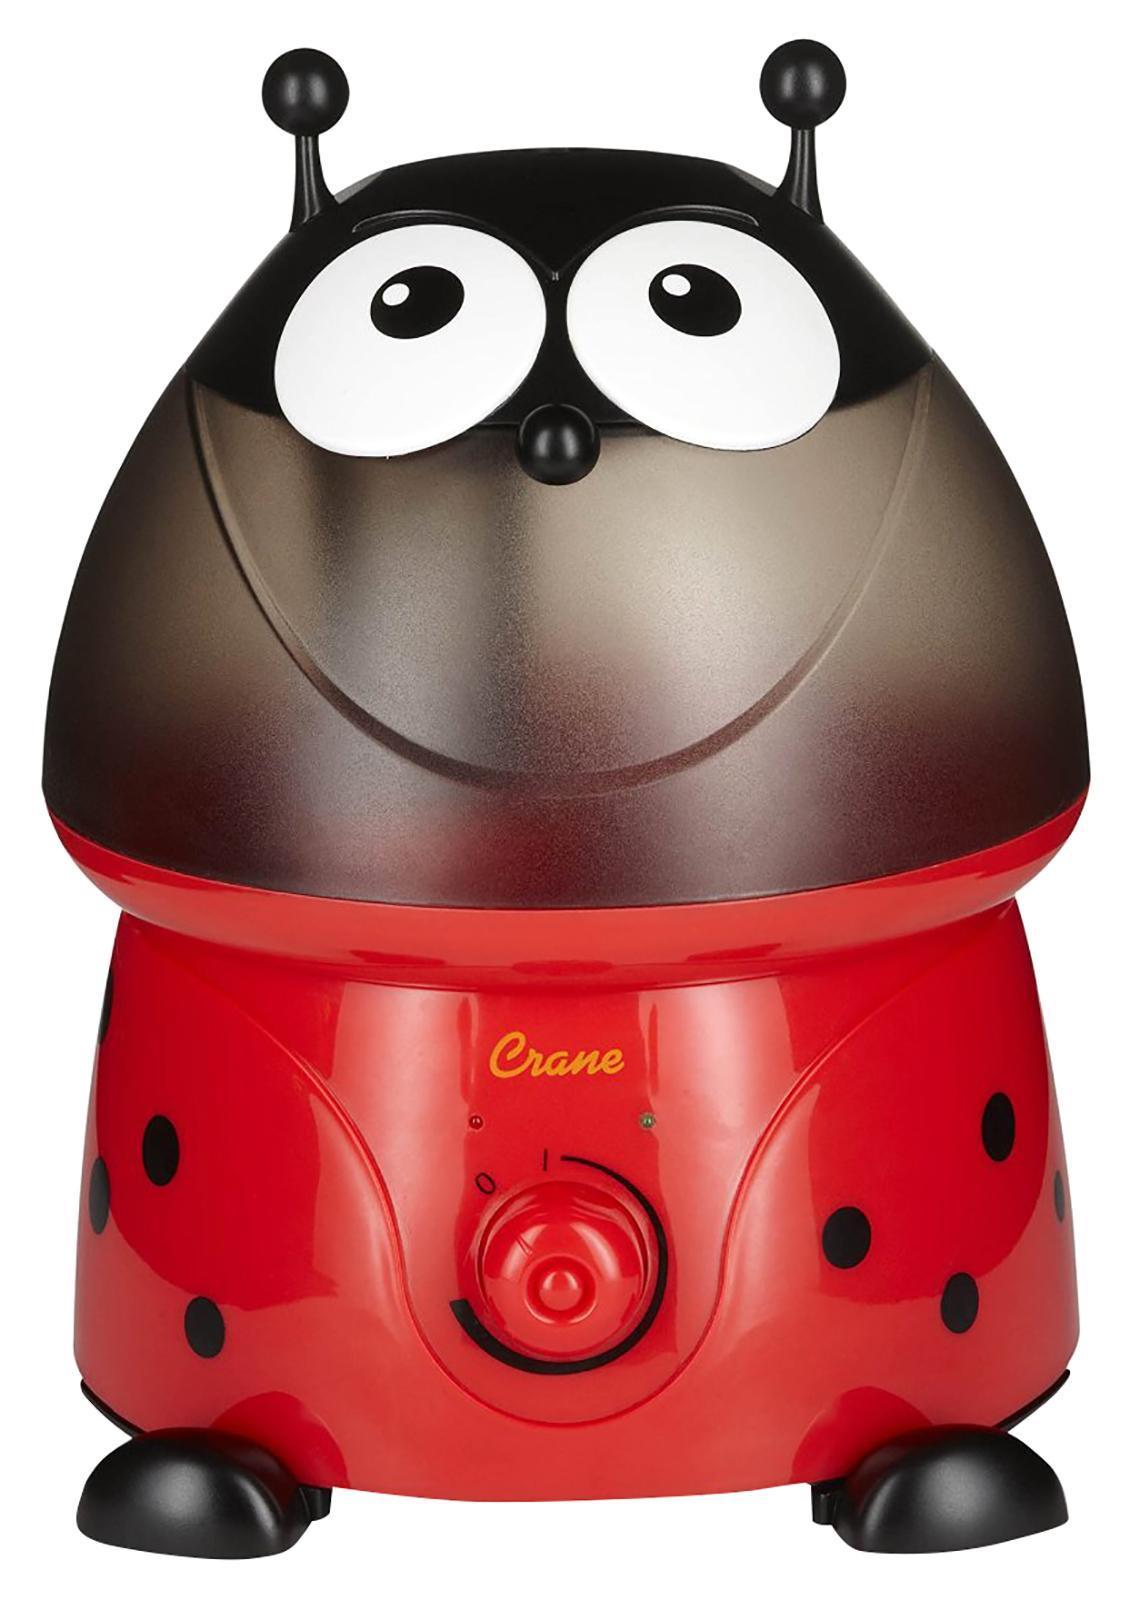 Crane EE-8247 Божья коровка увлажнитель воздуха818767010701Ультразвуковой увлажнитель воздуха Божья коровка выполнен в насыщенной красно-черной гамме.Водяной туман выходит из центра головы божьей коровки.Интенсивность выхода пара регулируется при помощи поворотного выключателя.Красный световой индикатор сигнализирует о том, что вода в приборе закончилась.Зеленый световой индикатор сигнализирует о том, что прибор работает.